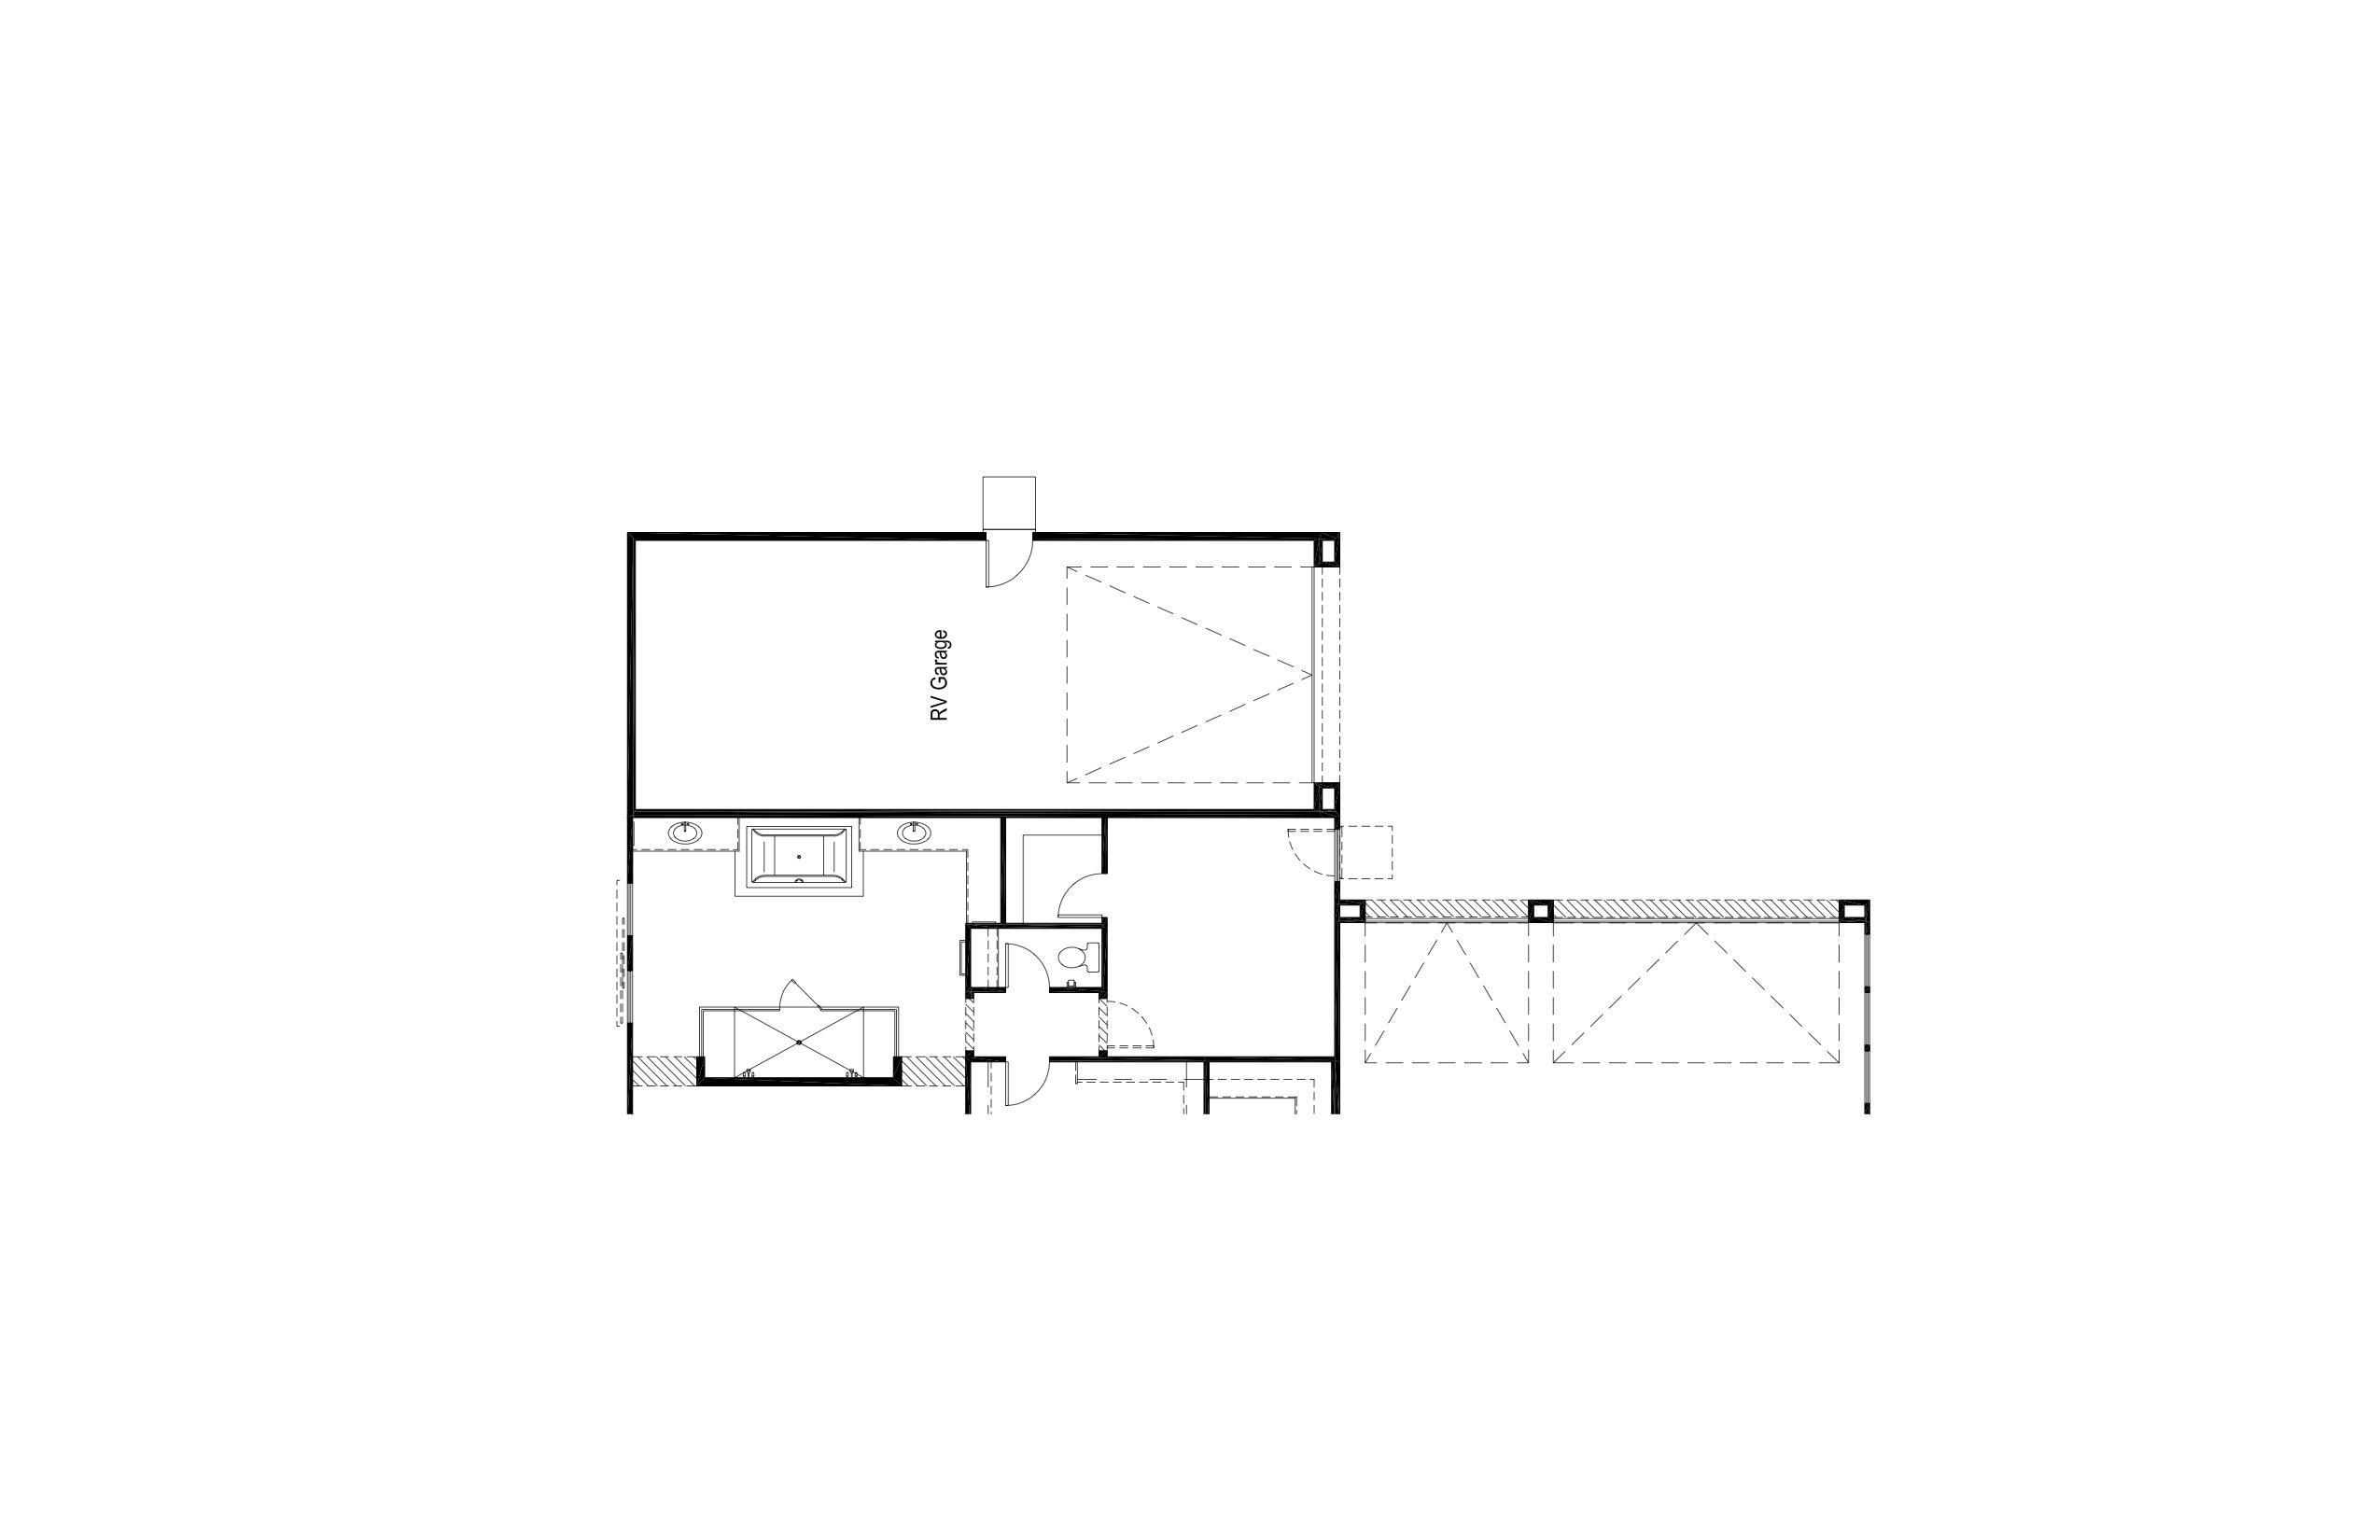 Plan 1 - Opt RV Garage